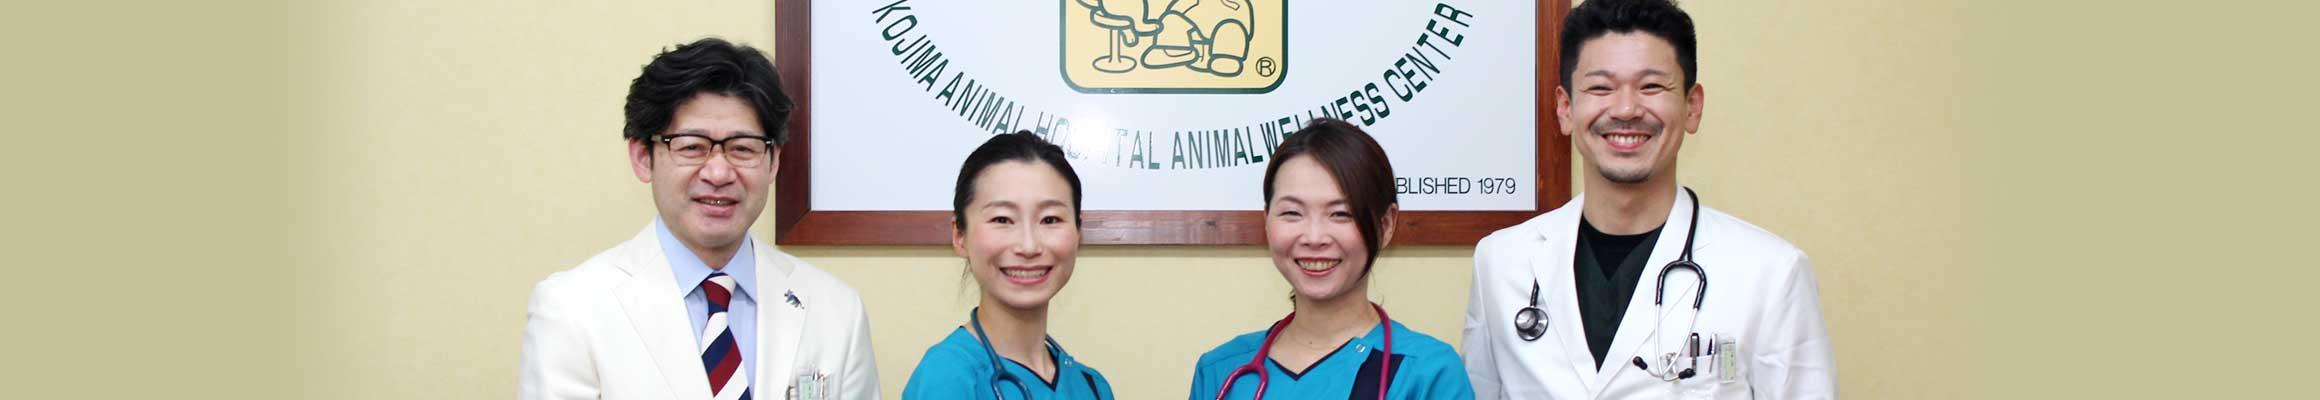 鳥 猫 の 病院 滝沢 犬